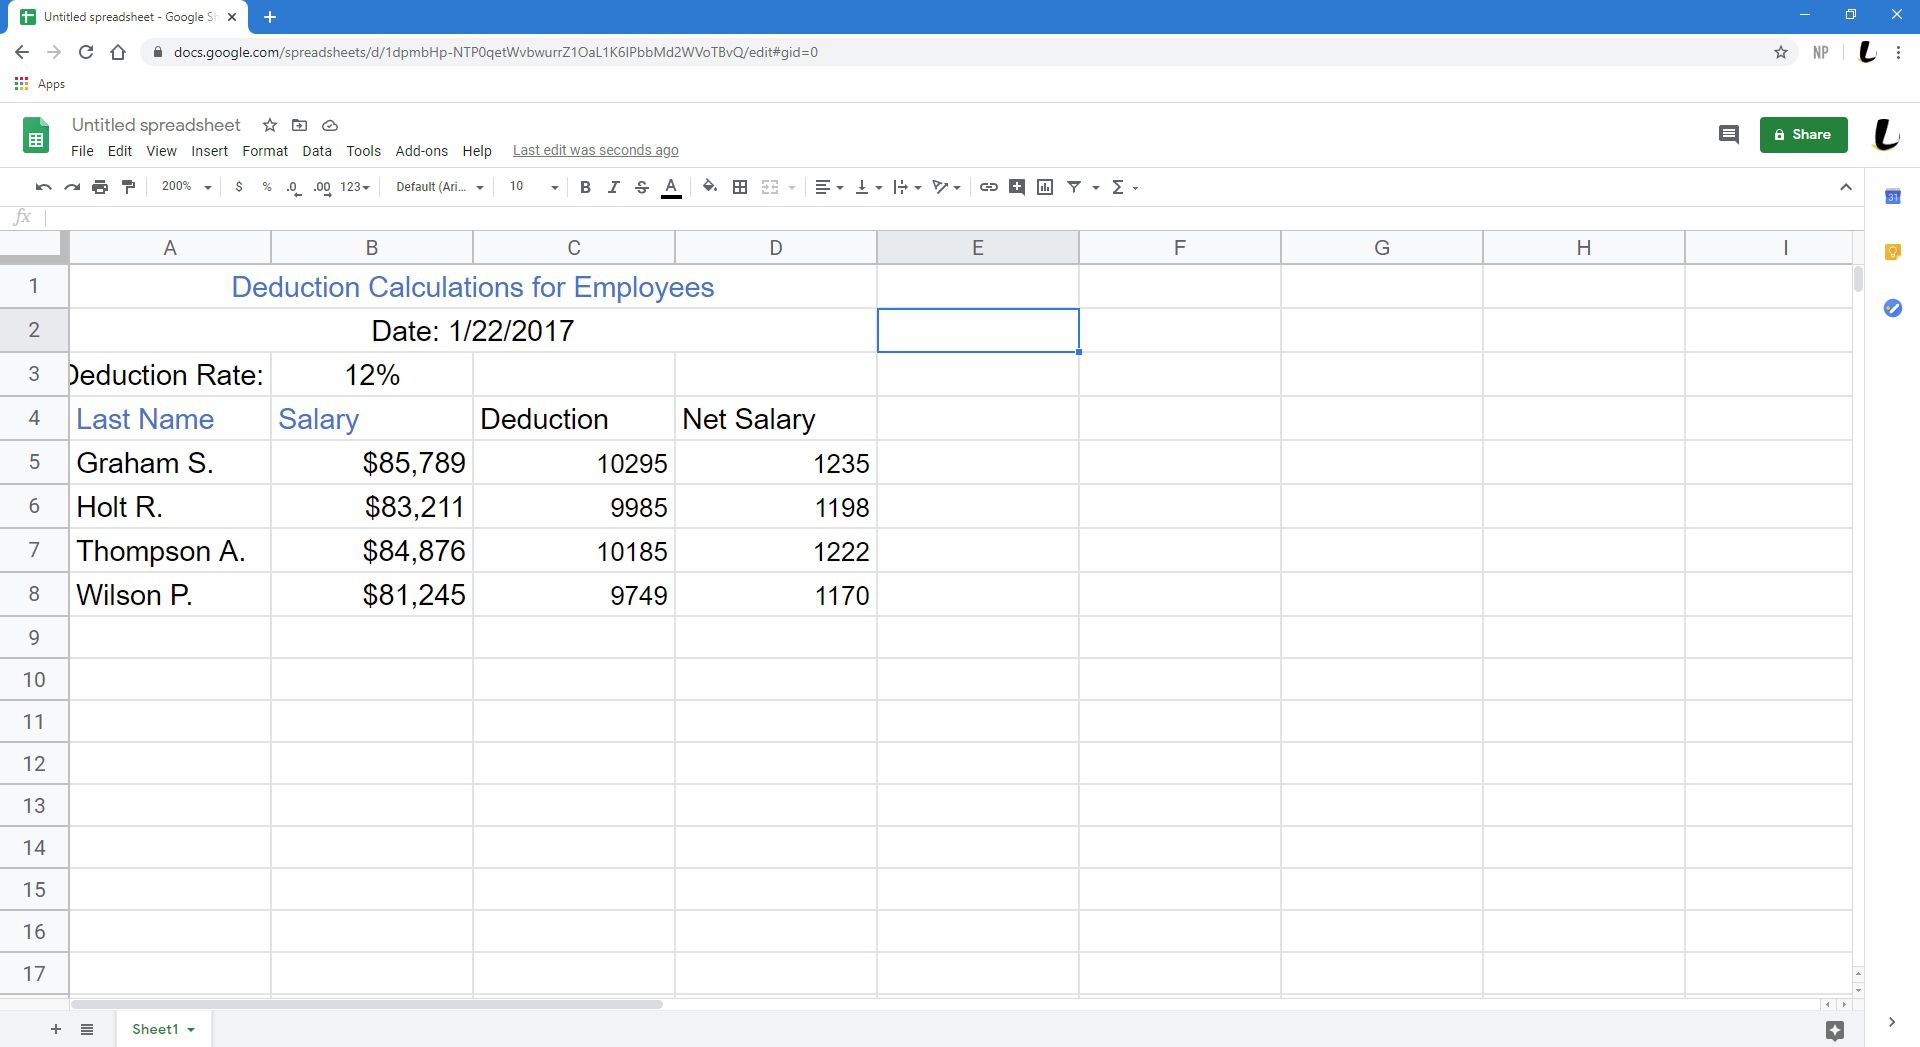 Data entered into a Google Sheet.